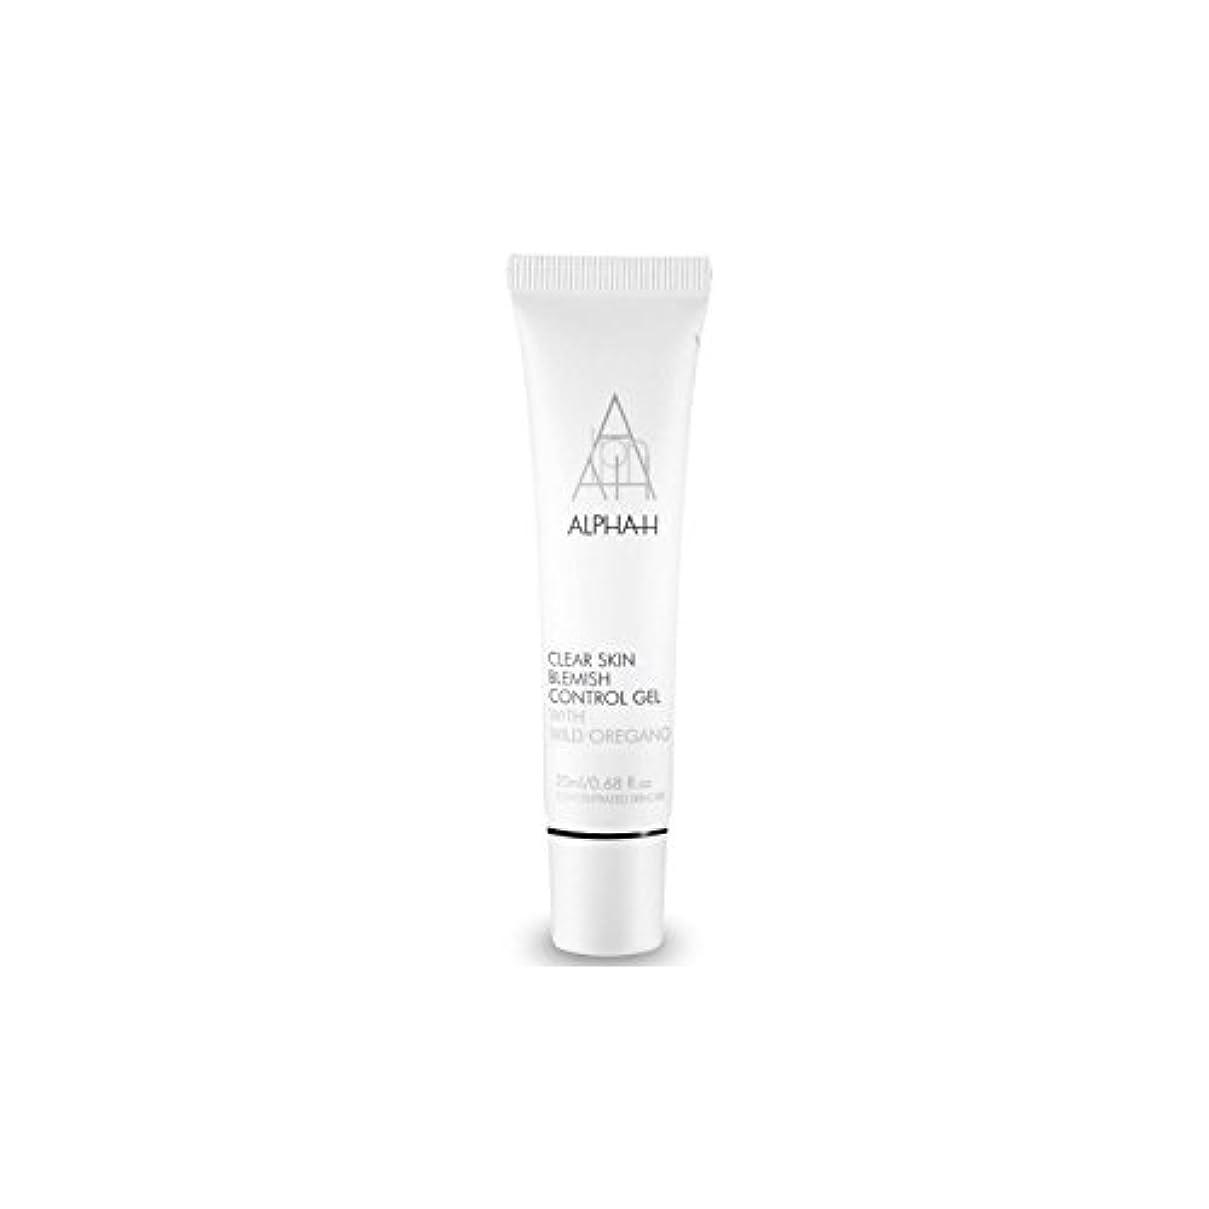 ペネロペフライカイトマニアックAlpha-H Clear Skin Blemish Control Gel (20ml) - アルファクリア皮膚傷制御ゲル(20)中 [並行輸入品]